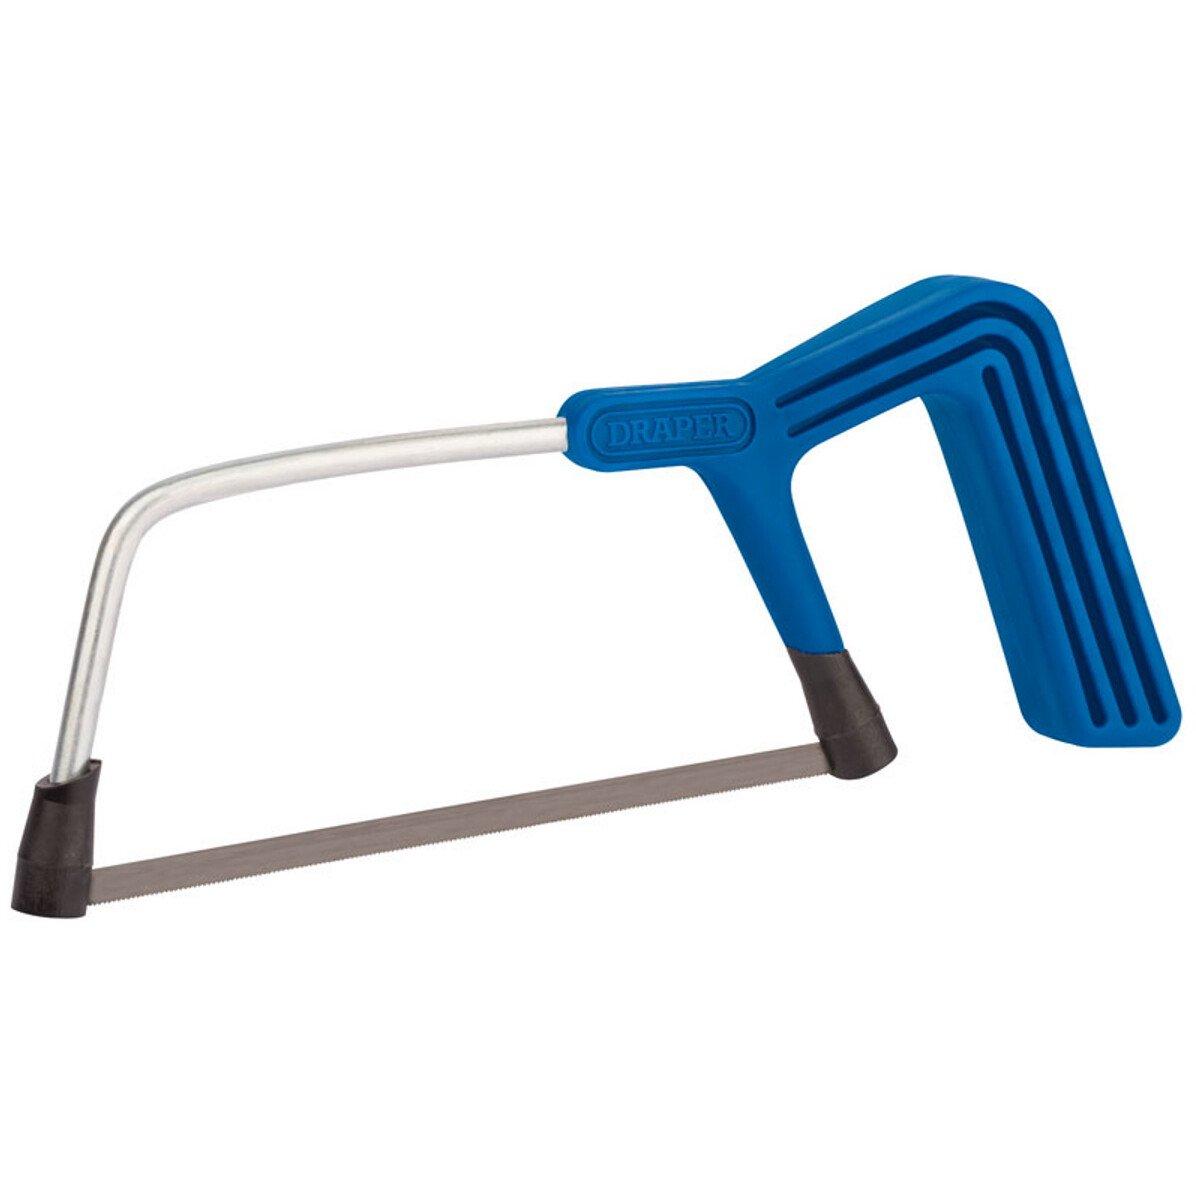 Draper 12607 1309 Pistol Grip Mini Saw